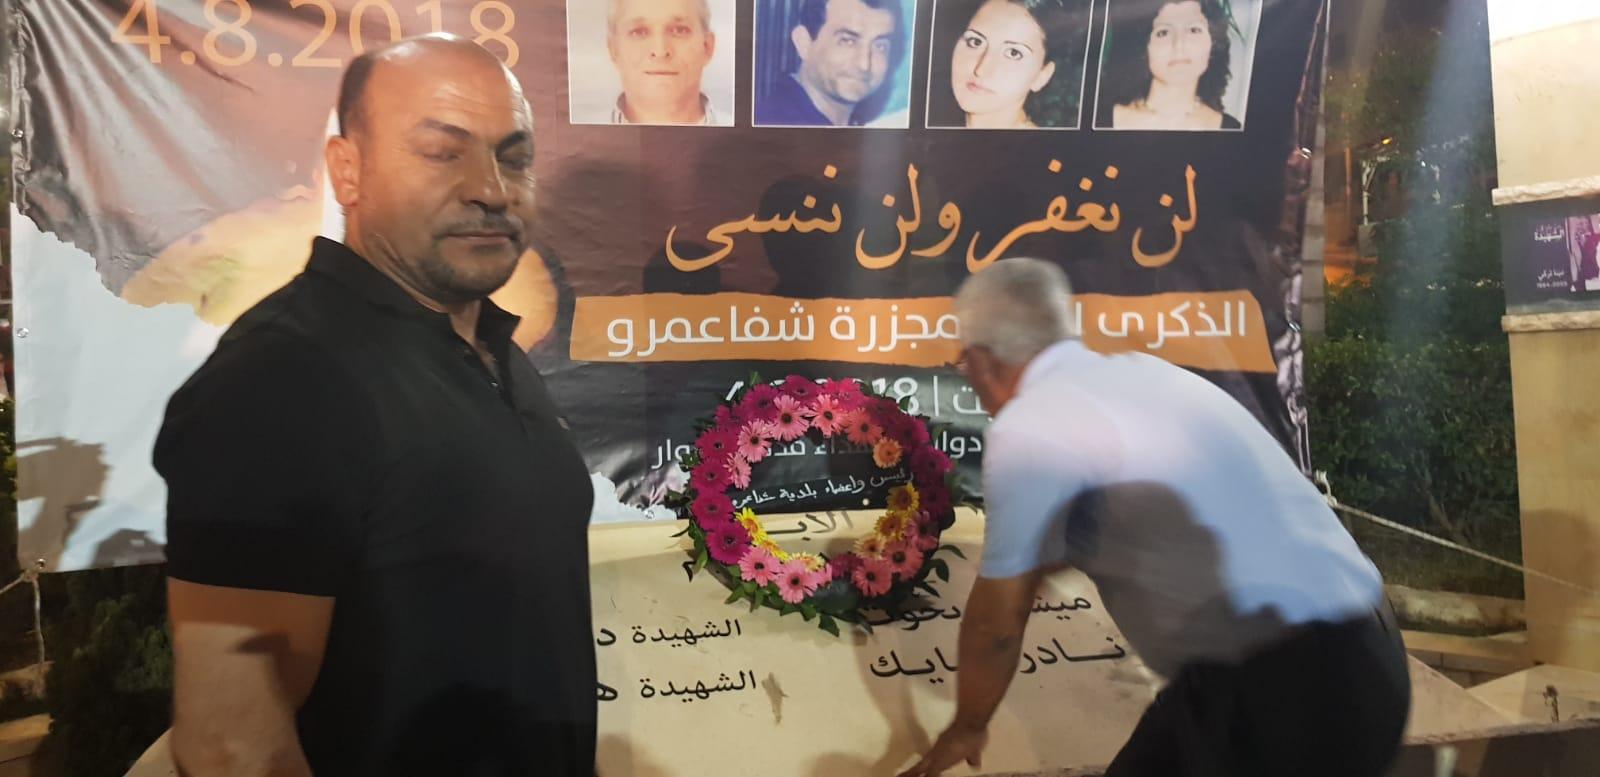 13 عامًا على مجزرة شفاعمرو: الألم لم يخبُ بعد